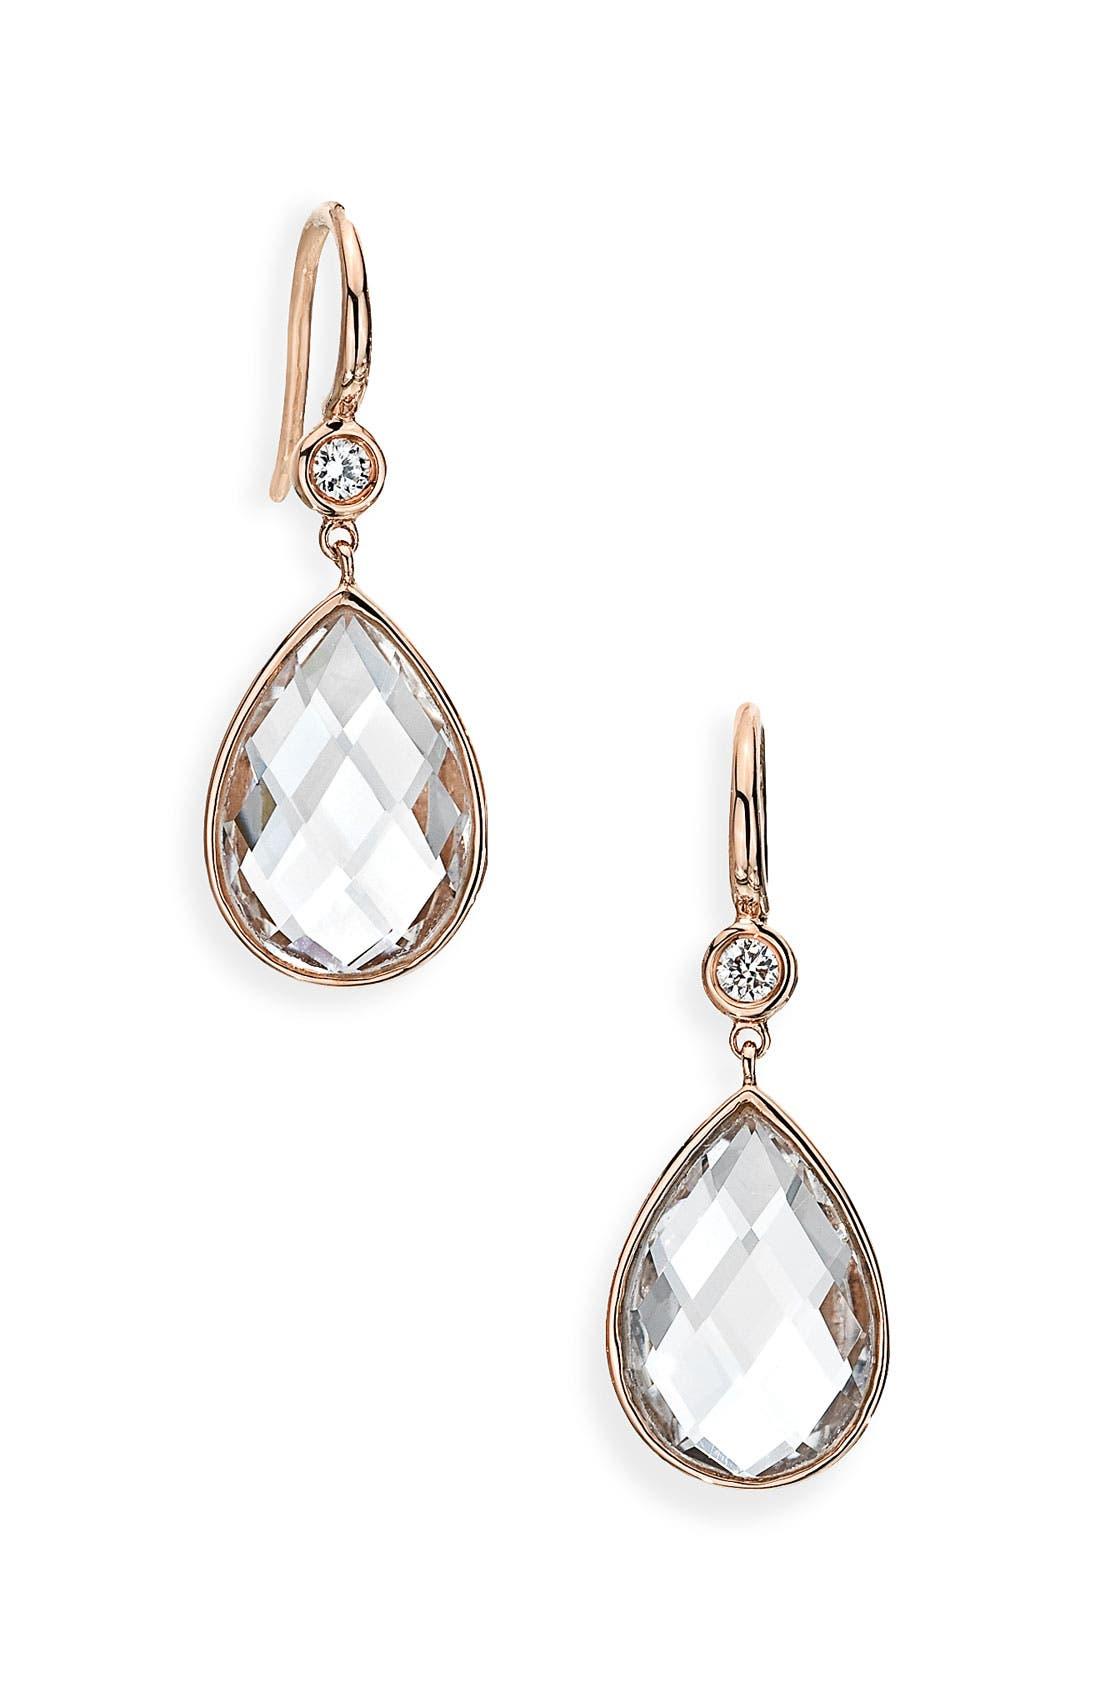 Alternate Image 1 Selected - Ivanka Trump 'Mixed Cut' Diamond & Rock Crystal Drop Earrings